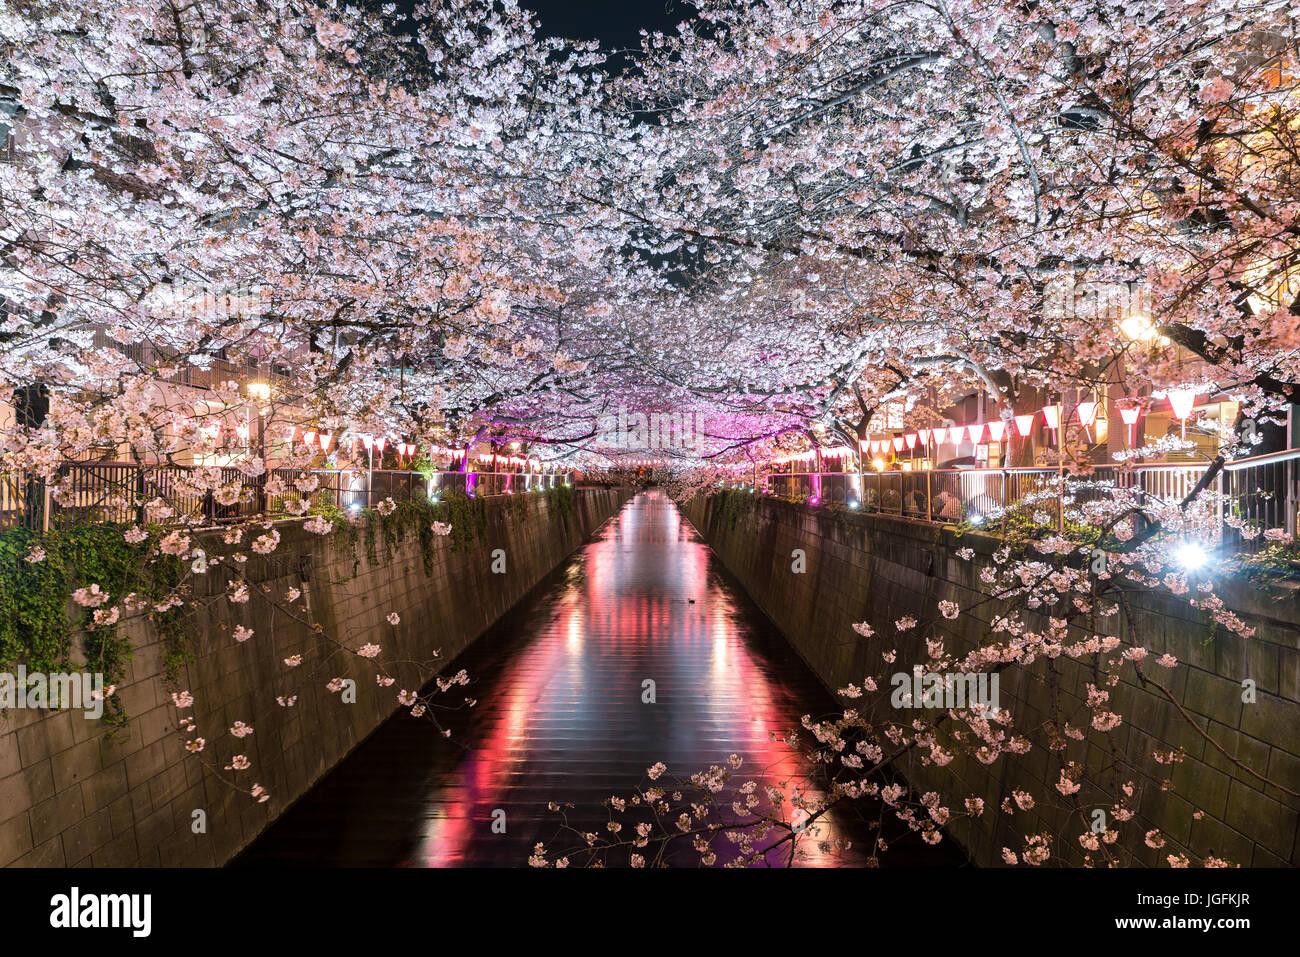 Cherry Blossom bordée de Meguro Canal de nuit à Tokyo, Japon. Printemps en avril à Tokyo, Japon. Photo Stock